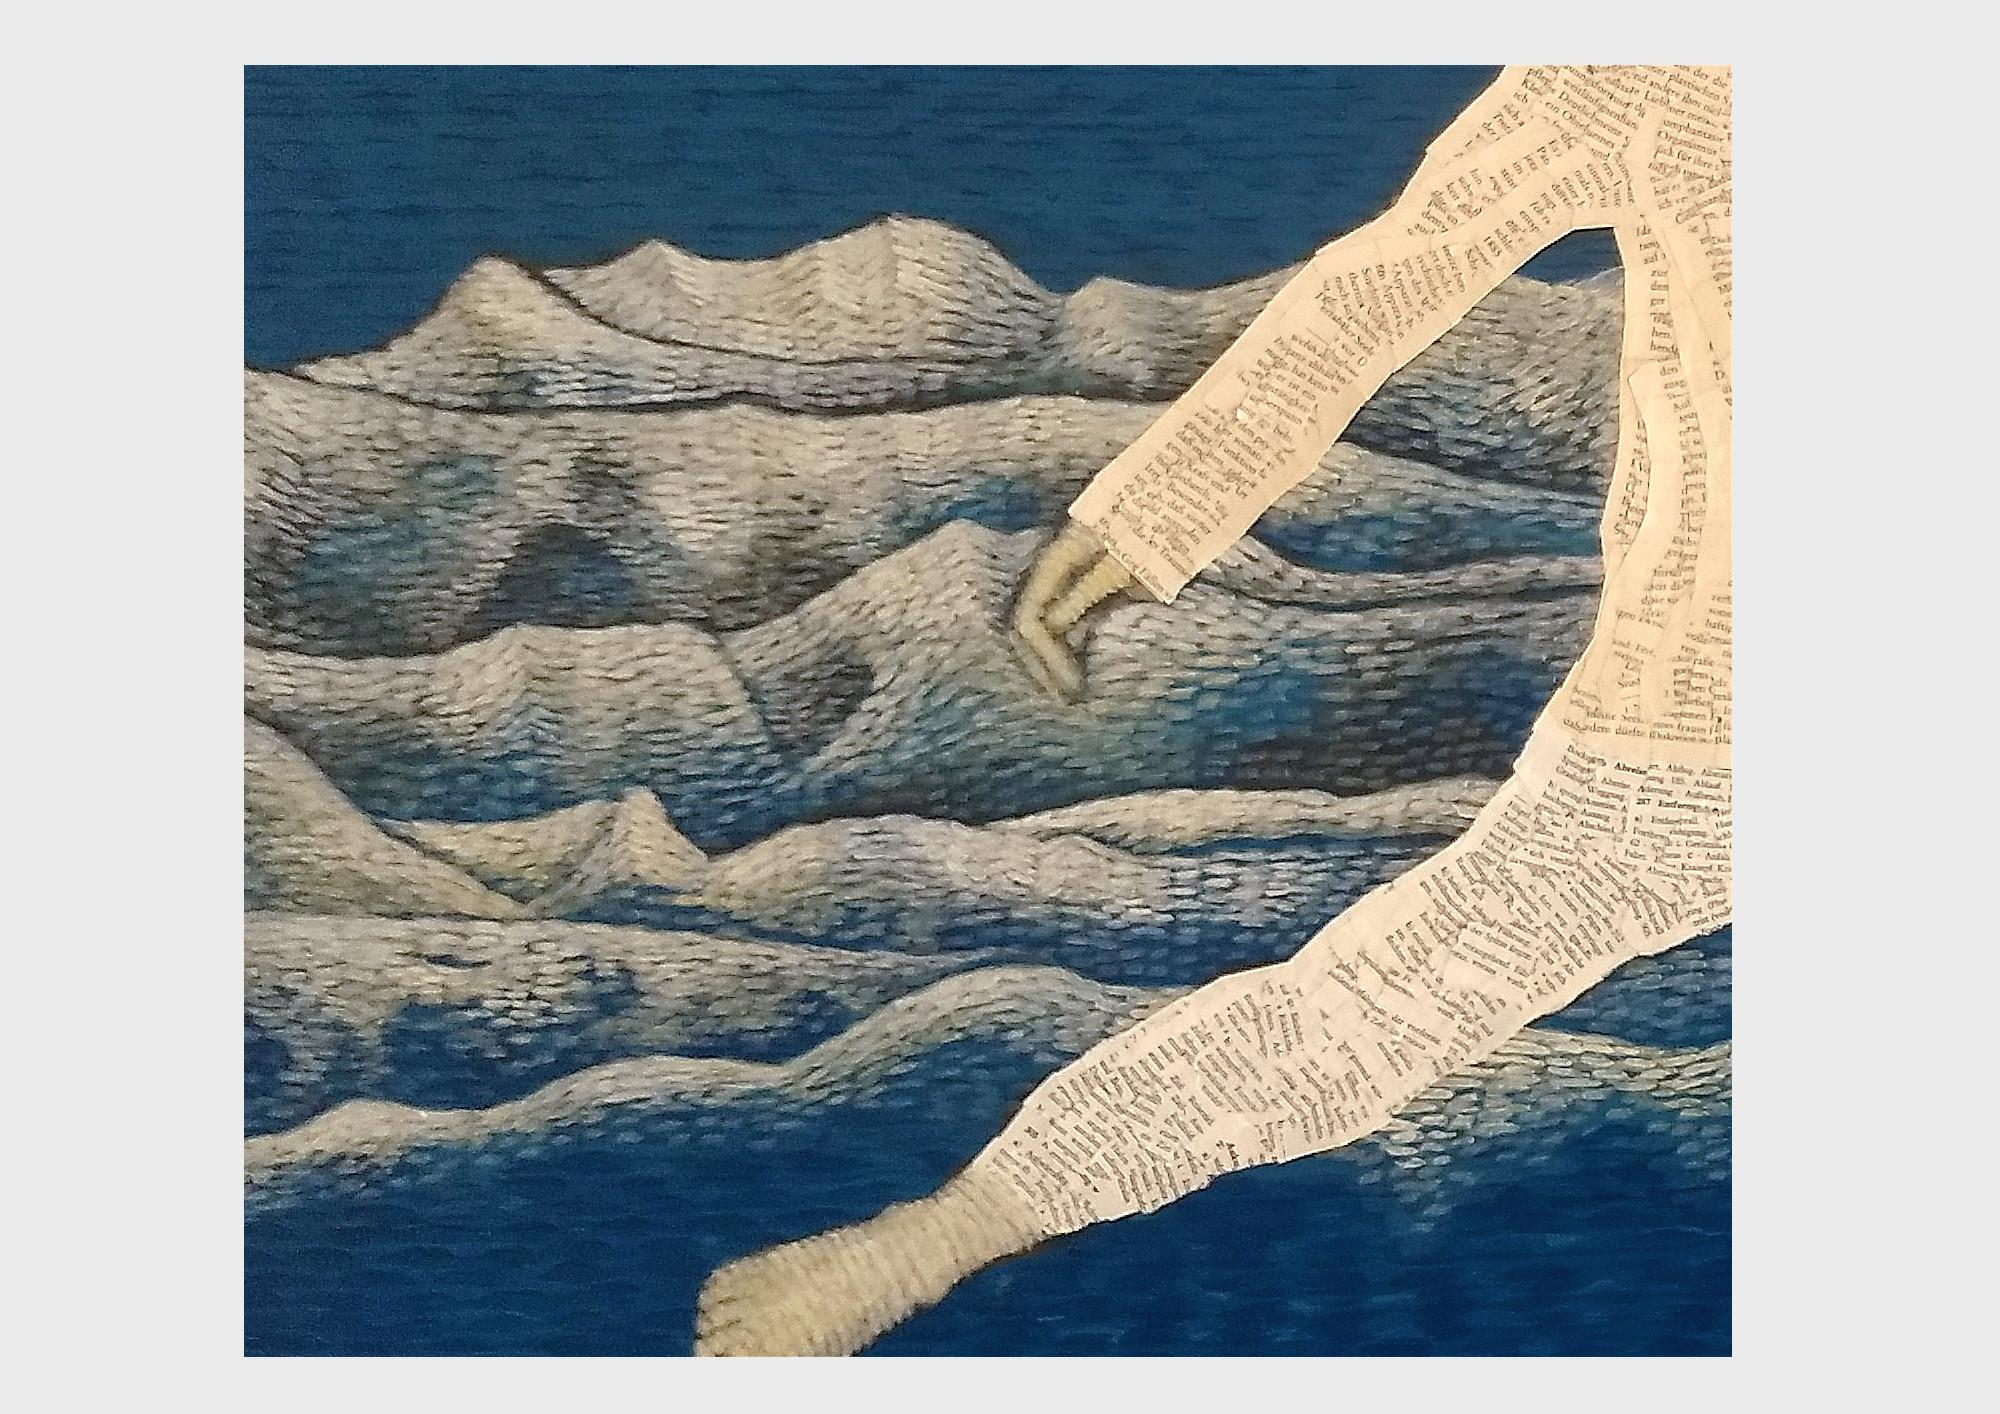 Lesendes Kind vor blauem Hintergrund. Ein kleines Mädchen ist umhüllt von Worten, ein Schalfanzug aus alten Buchseiten aus Freuds Traumdeutung. Durch den nachtblauen Himmel fliegt sie über die Berge aus Schriftzeichen und erzählt die Geschichte von Pater Pan weiter. Collage aus Buchseiten mit Malerei.